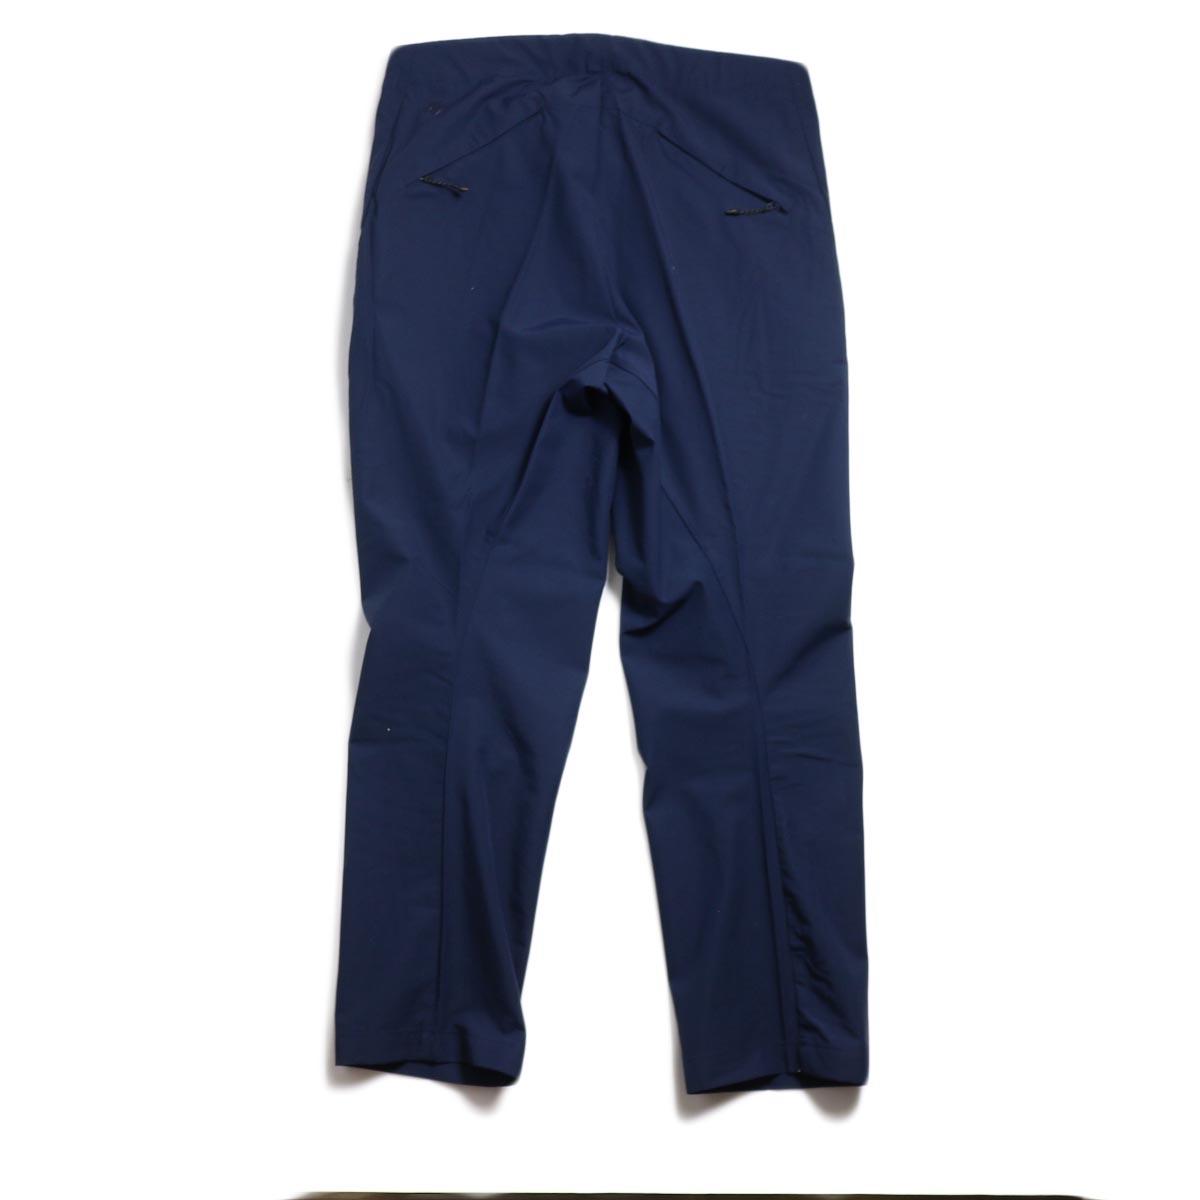 DESCENTE ddd / UNIFIT PANTS -NAVY 背面